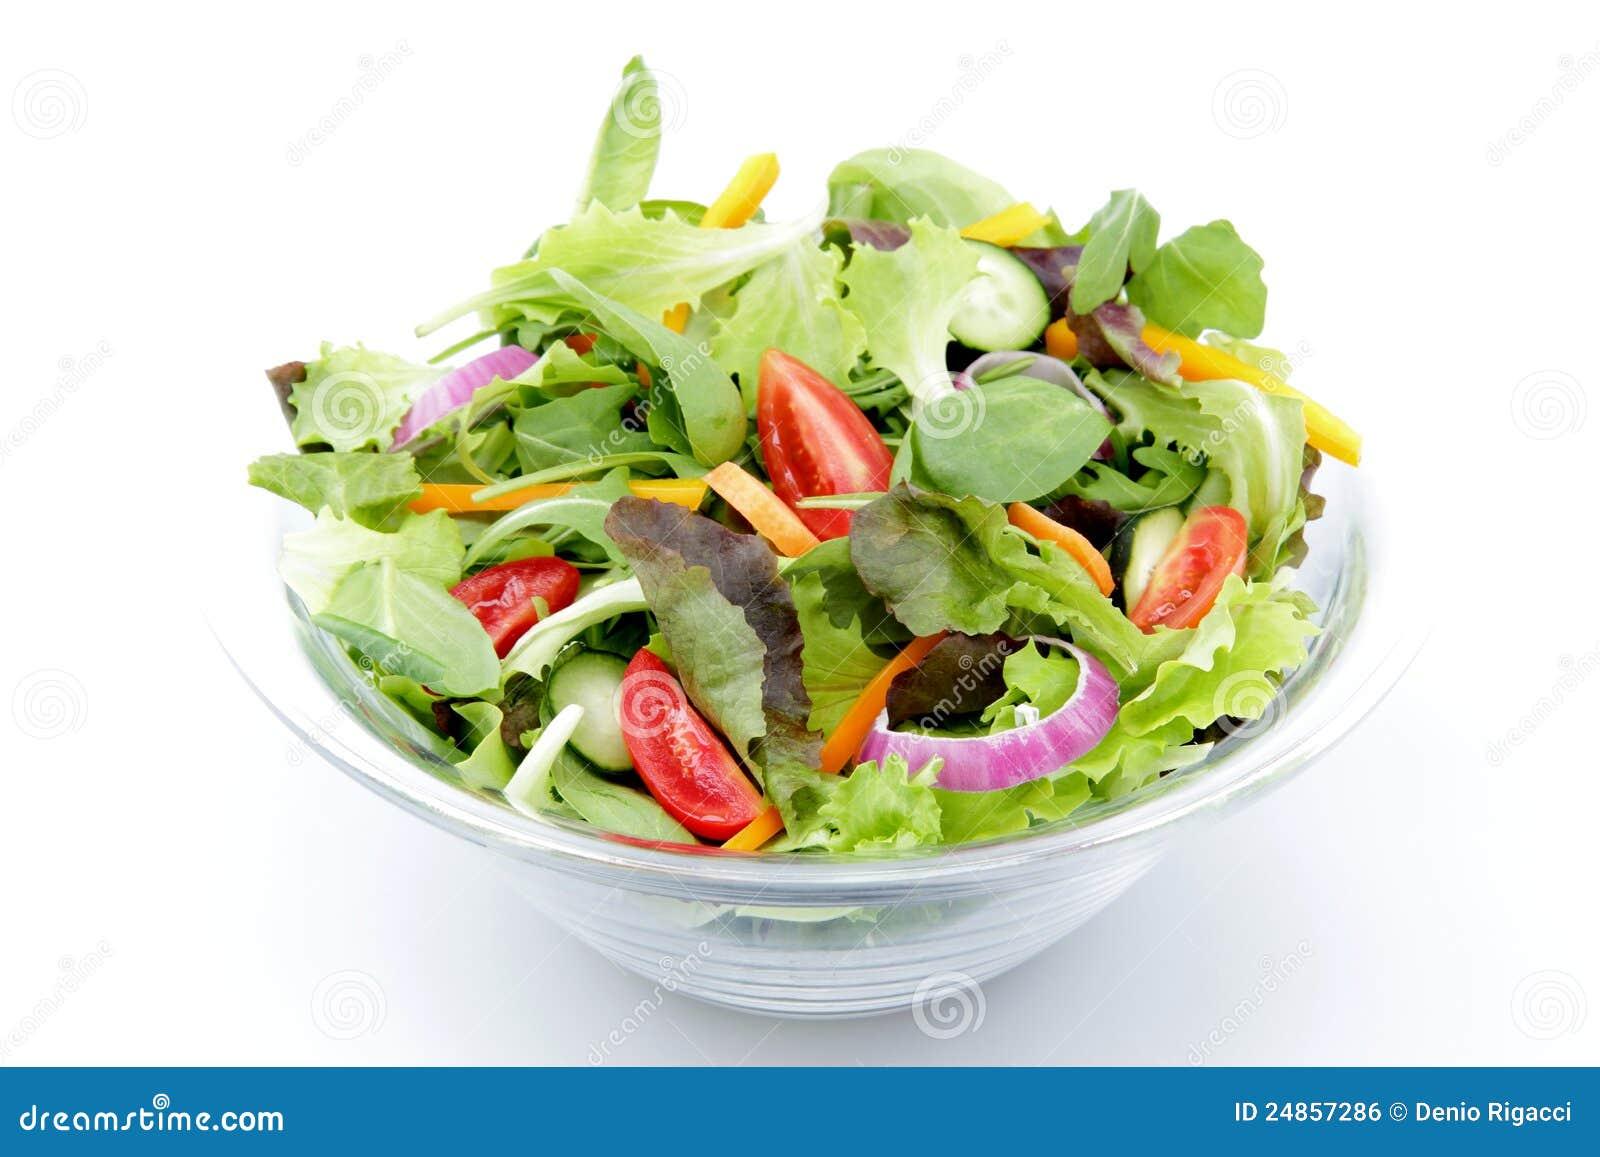 Salade mixte sur le fond blanc photo stock image du for Fond blanc cuisine